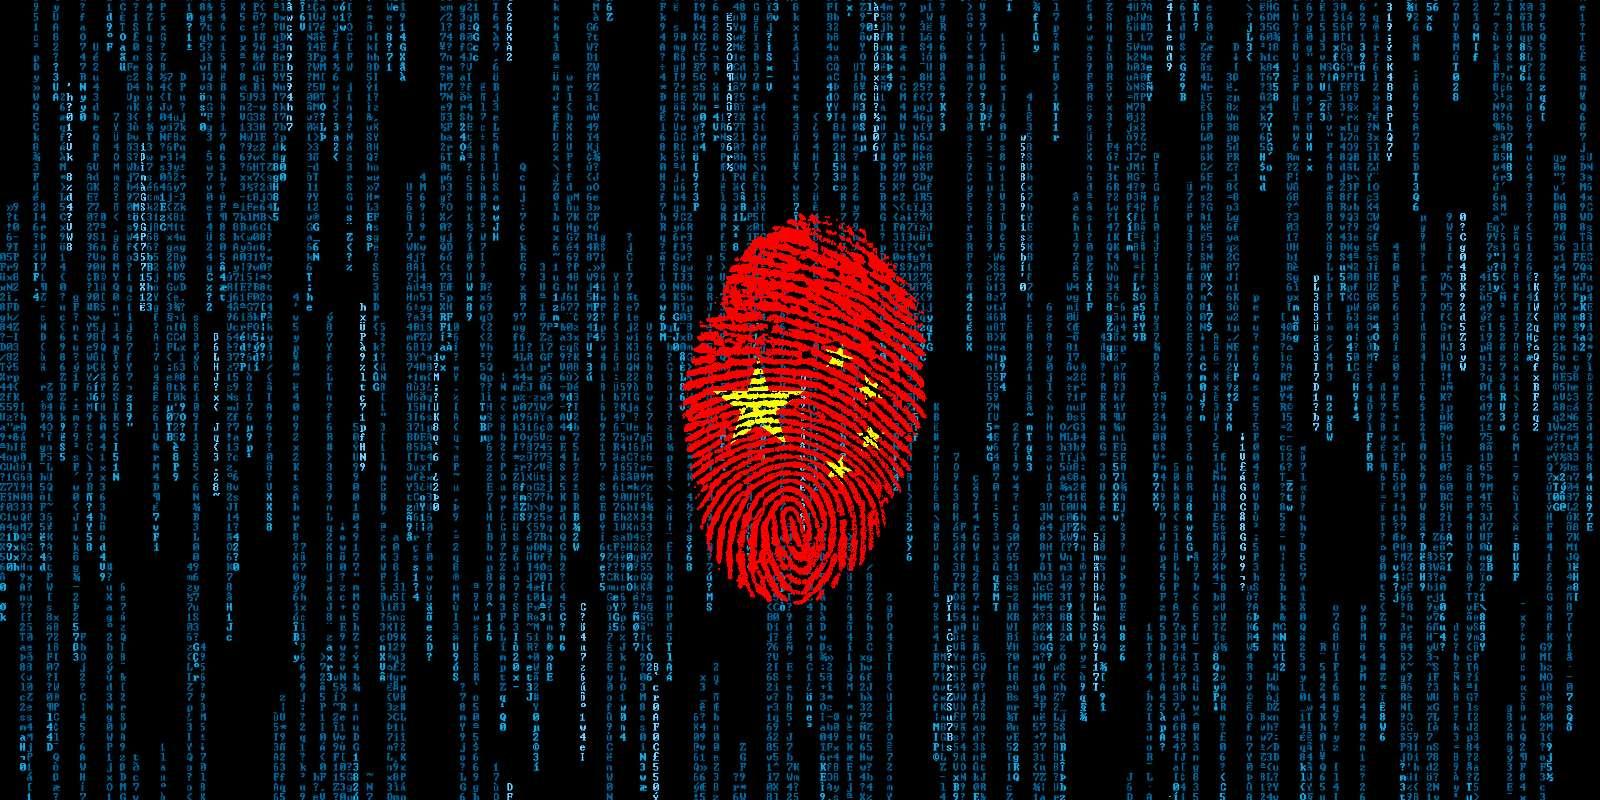 Francia advierte sobre ciberespías APT31 que atacan a organizaciones francesas